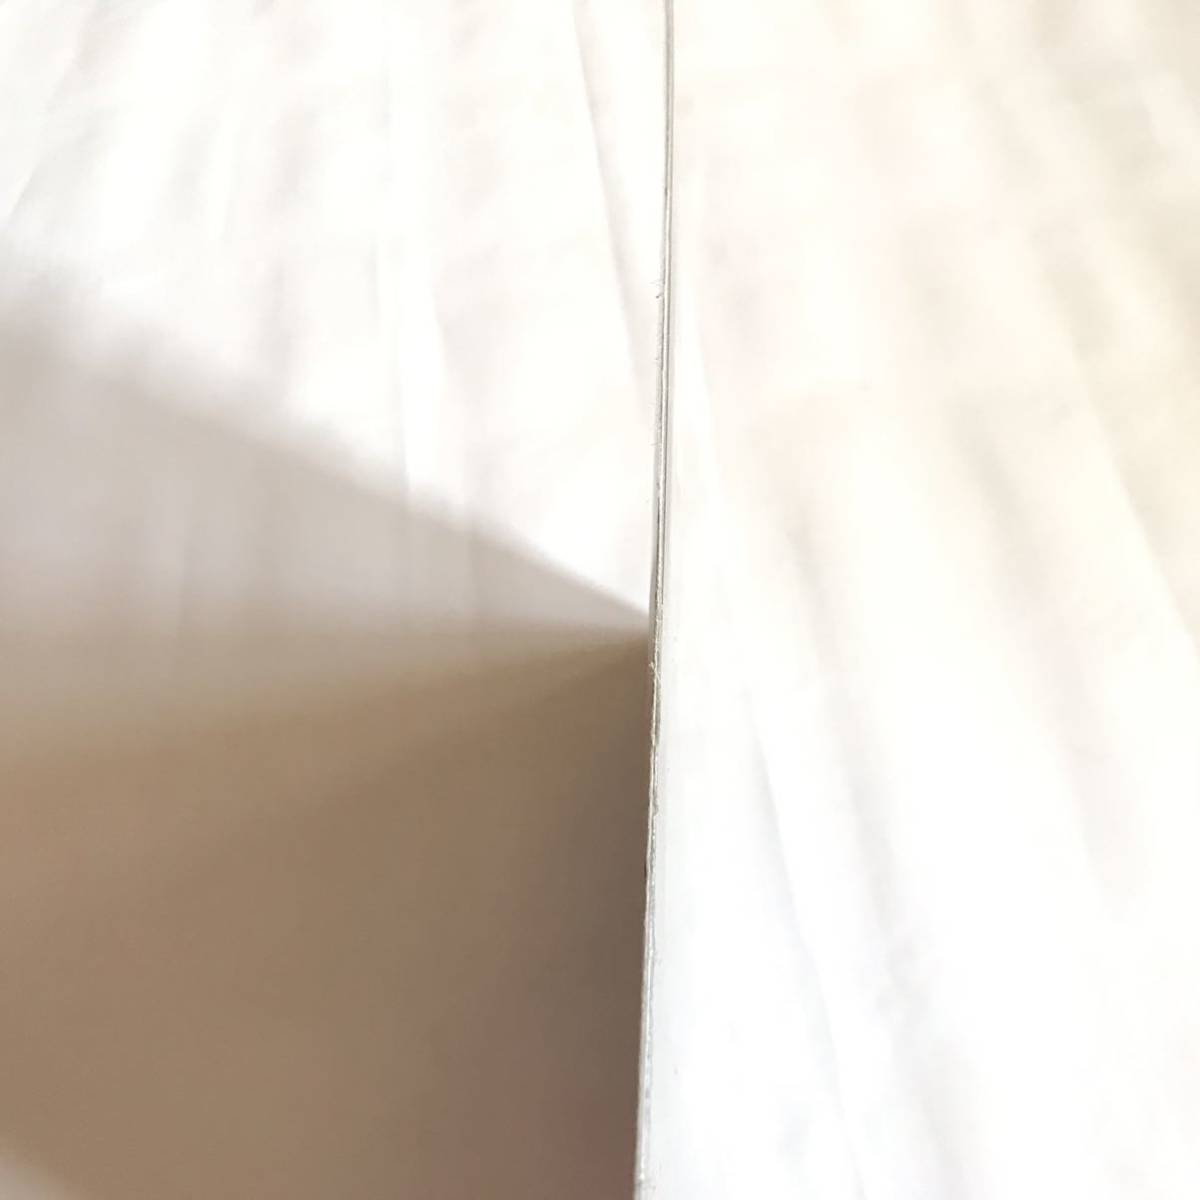 【未開封】ザ・グッバイ THE GOOD-BYE 僕色に染めて GOING DOWN 12インチ シングル 野村義男_画像3